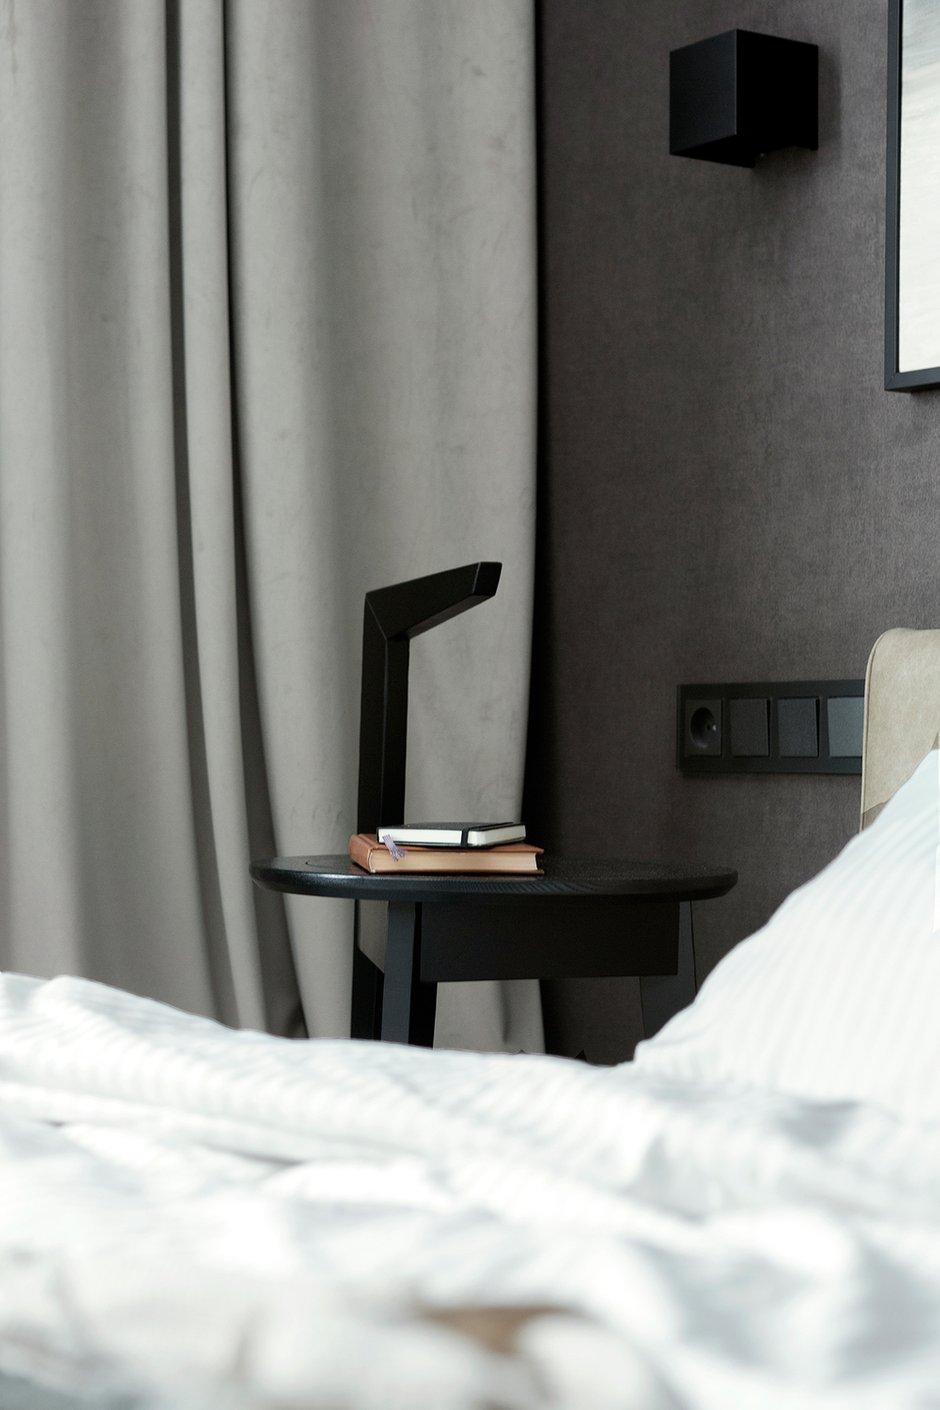 Фотография: Спальня в стиле Минимализм, Квартира, Проект недели, Минск, 3 комнаты, Более 90 метров, Татьяна Манцевич – фото на INMYROOM